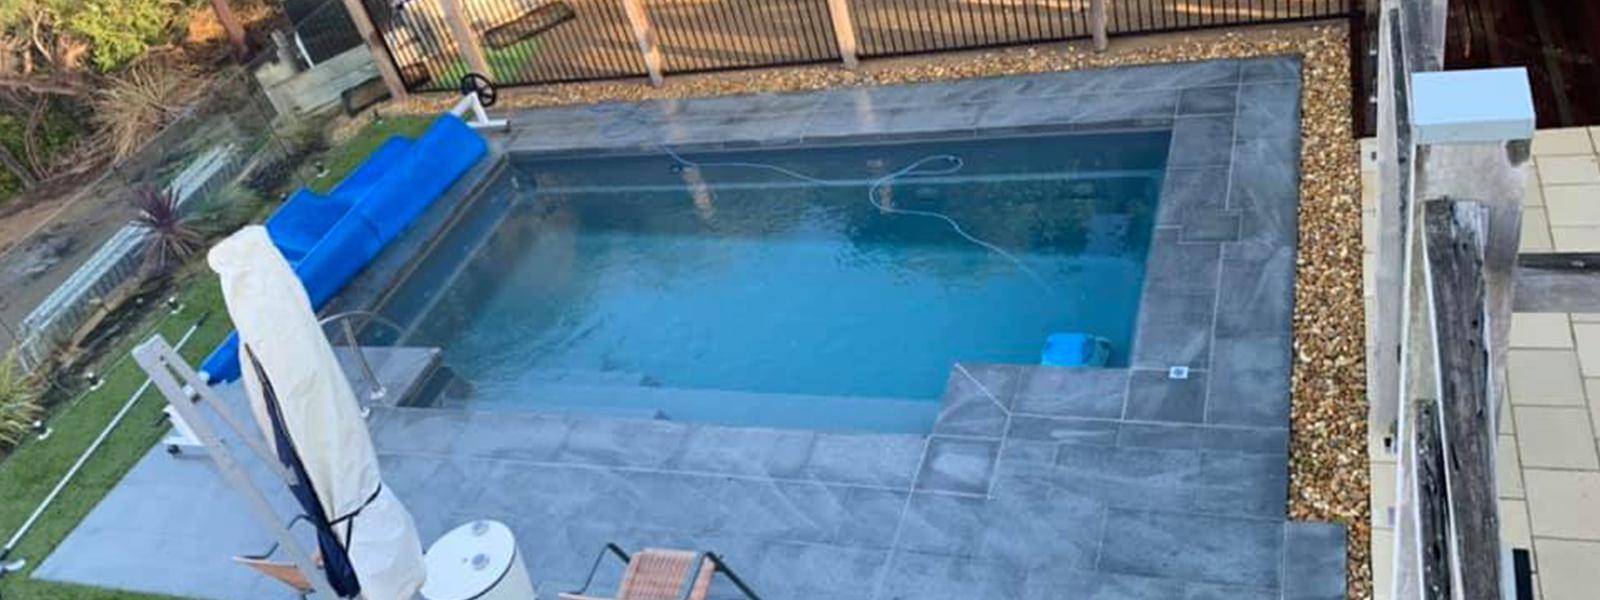 Fiberglass Swimming Pools, Plunge Pool, Lap Pool Builders ...